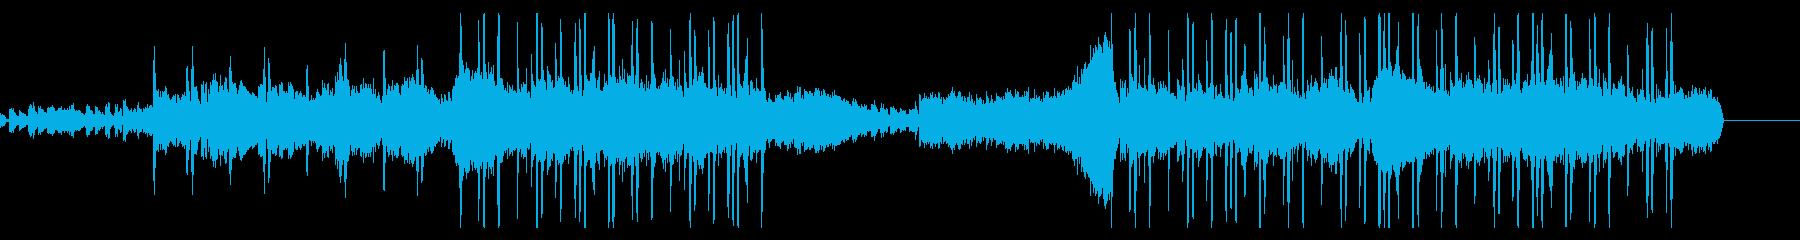 voiceが印象的なエレクトリックポップの再生済みの波形